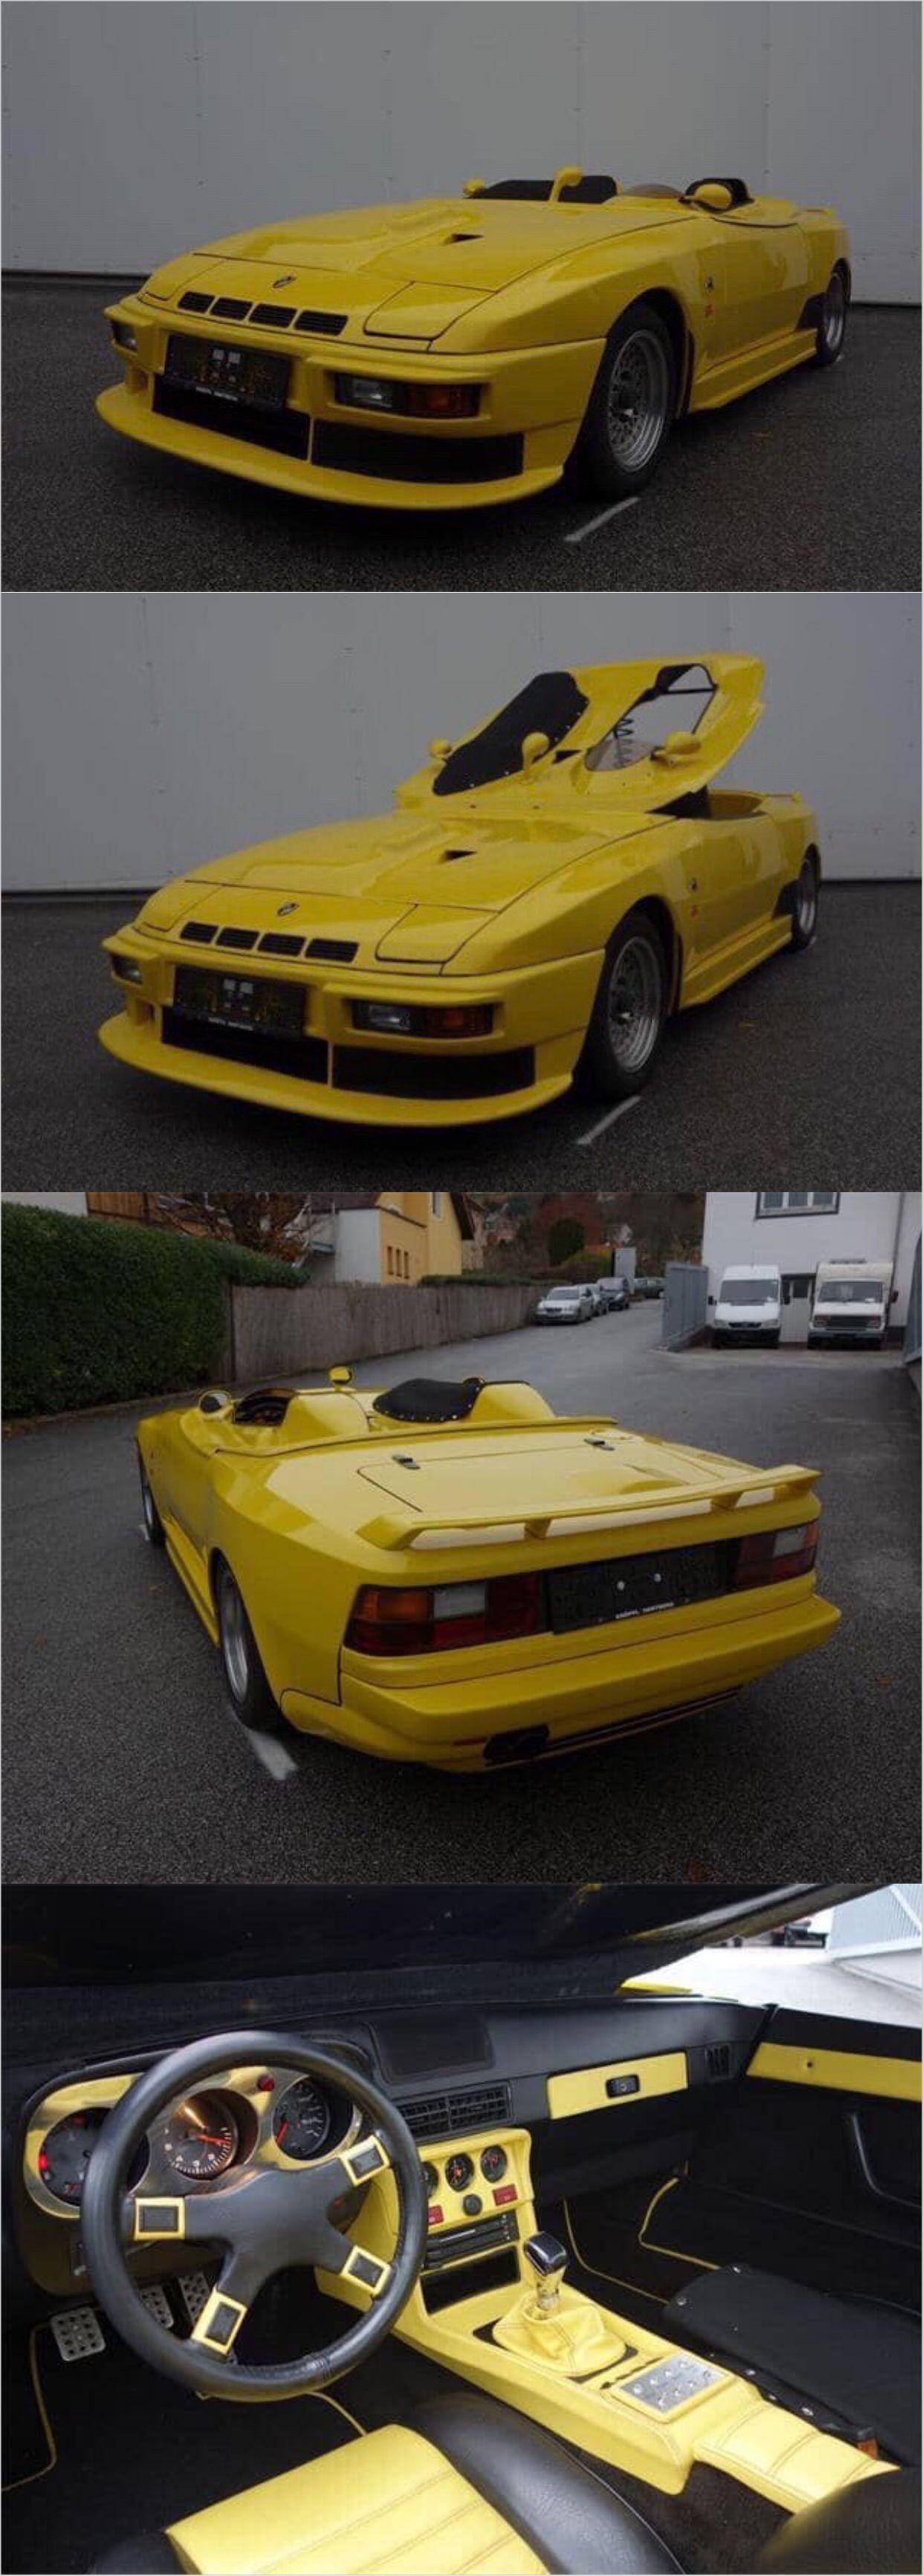 Porsche 924 Turbo Spyder Prototype Porsche 924 Porsche 944 Porsche